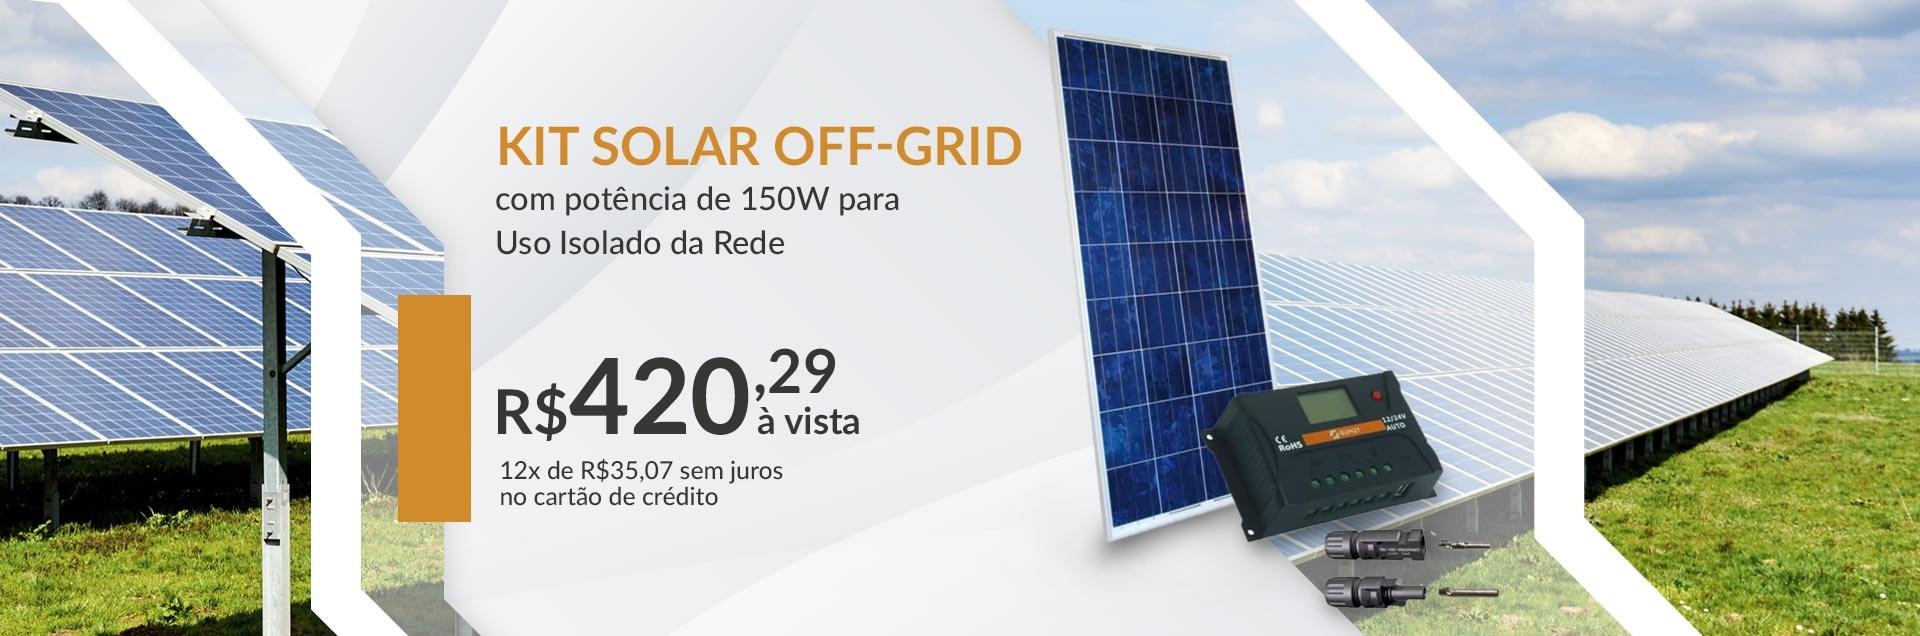 Kit Solar Off-Grid com potencia de 150W para Uso Isolado da Rede - Banner